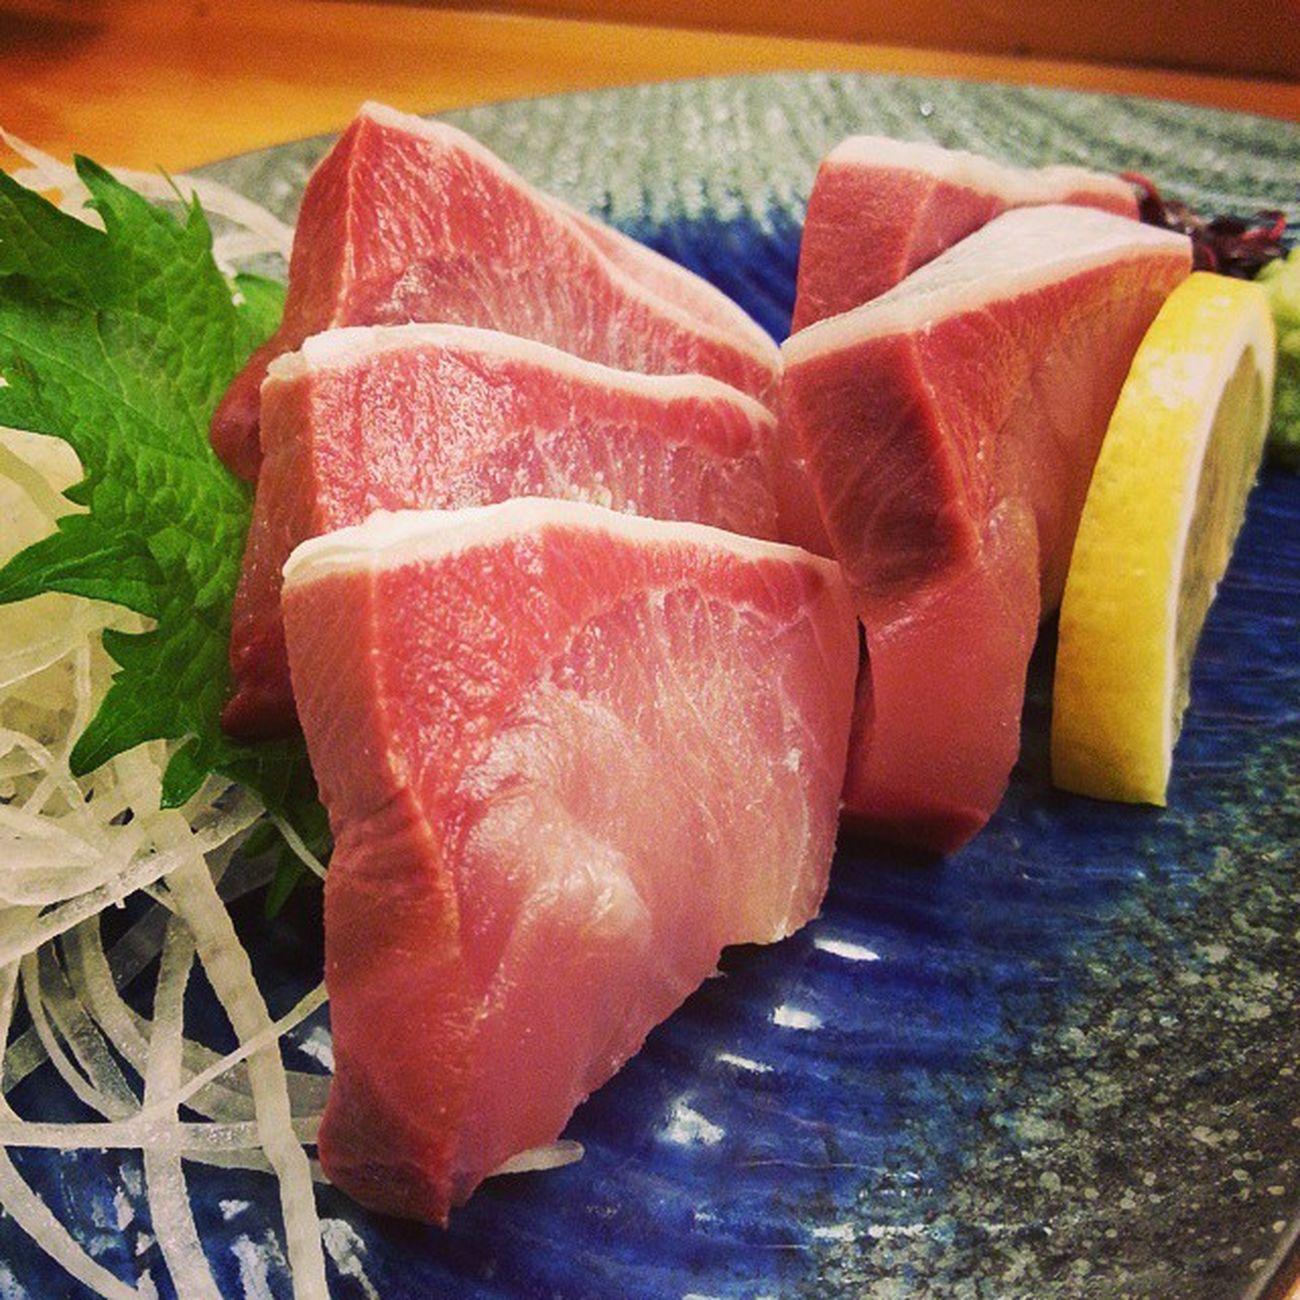 大阪暮らし最後の晩餐。最初のホテル住まい時代から、最も長く、最も多く付き合ってくれた板さんと、懐かし話でランデヴー。